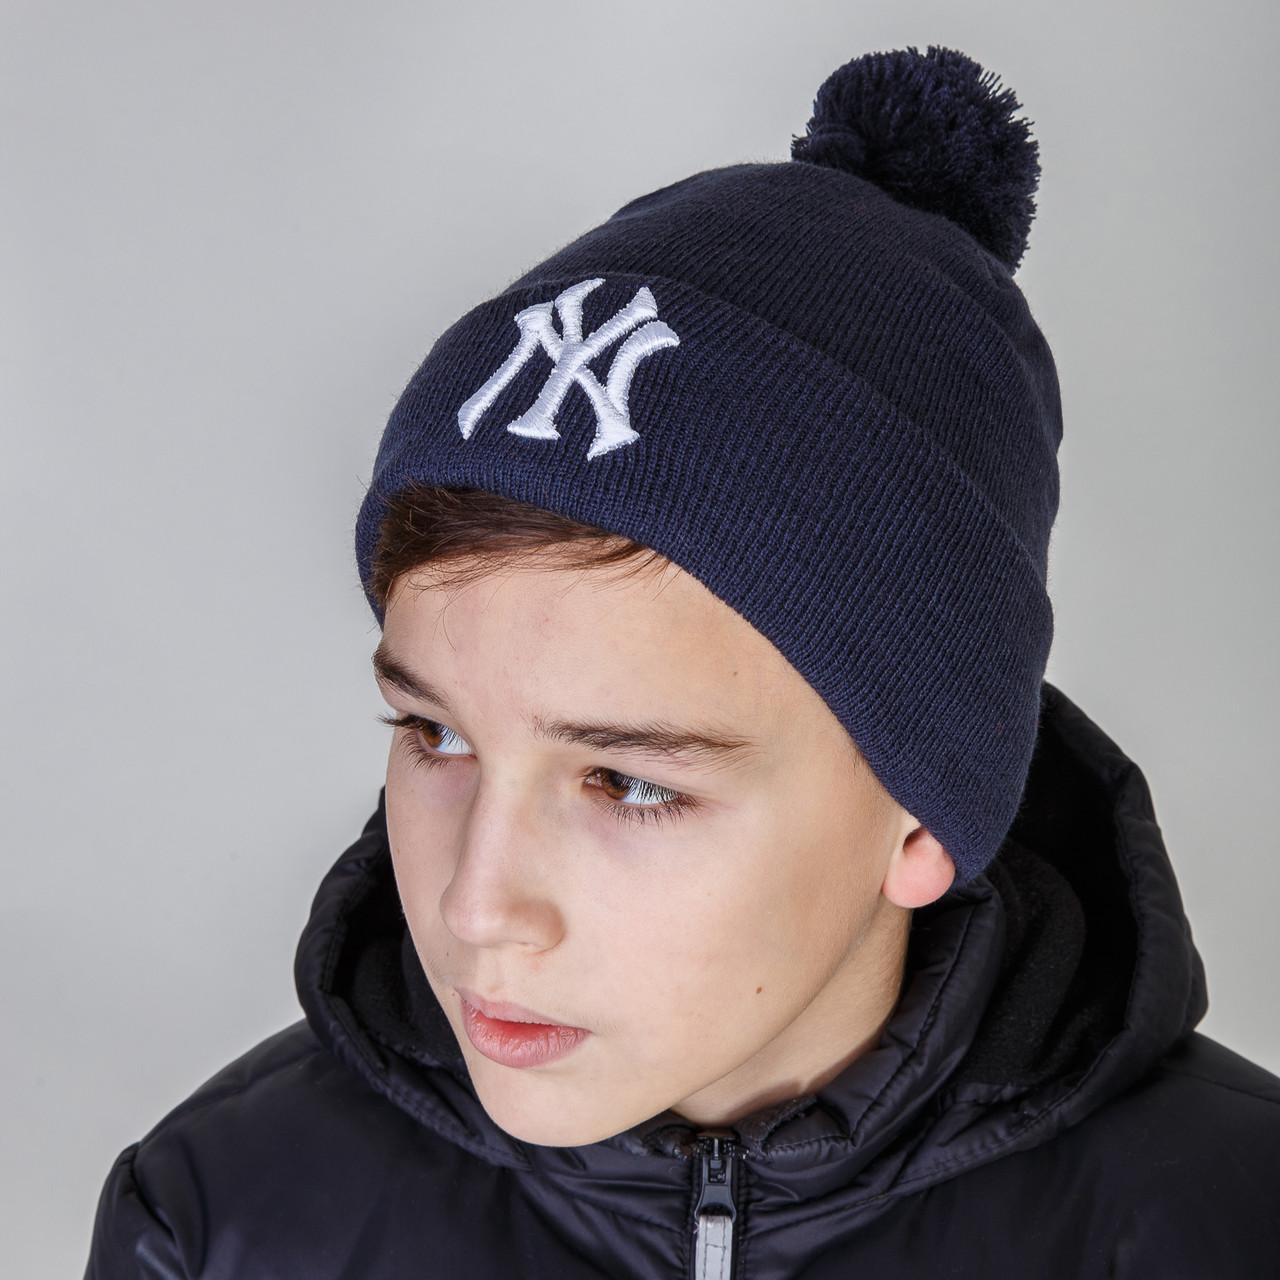 Модная шапка на зиму для мальчика New York с помпоном оптом - Артикул 2878